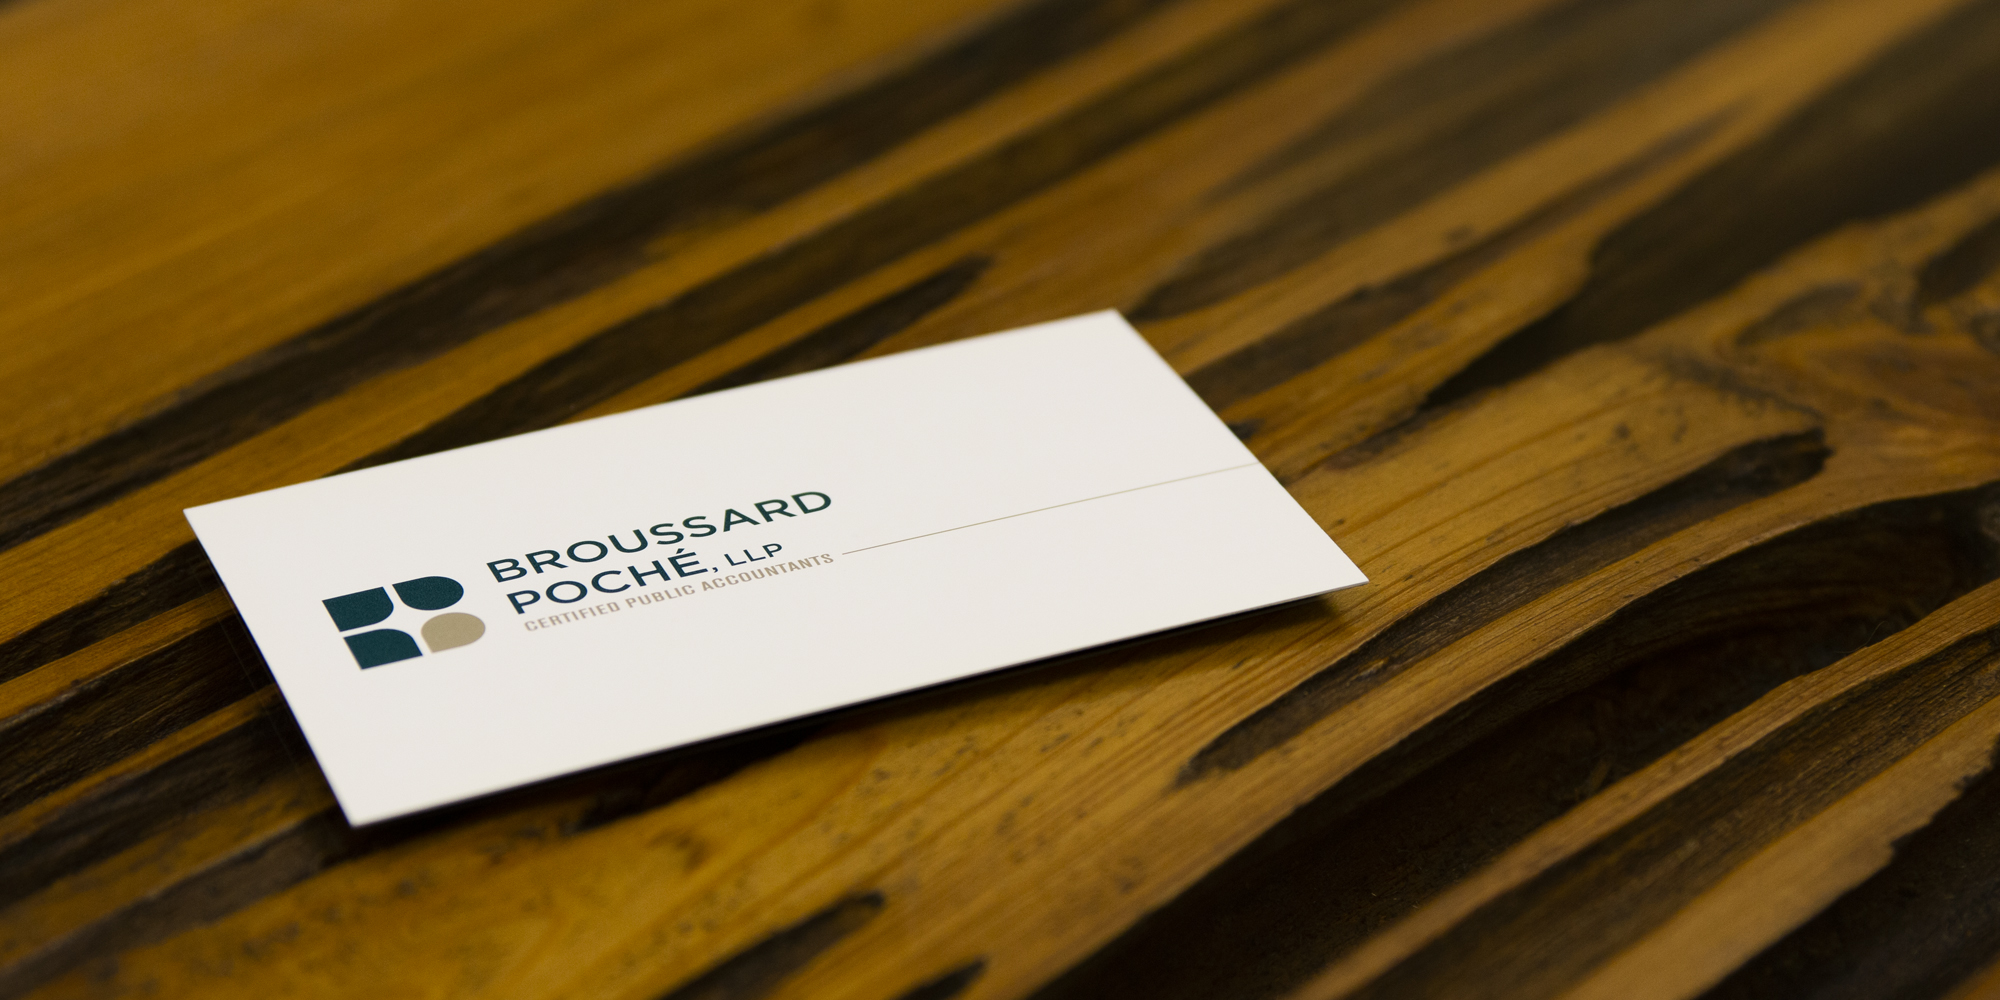 broussard-poche-2019-002